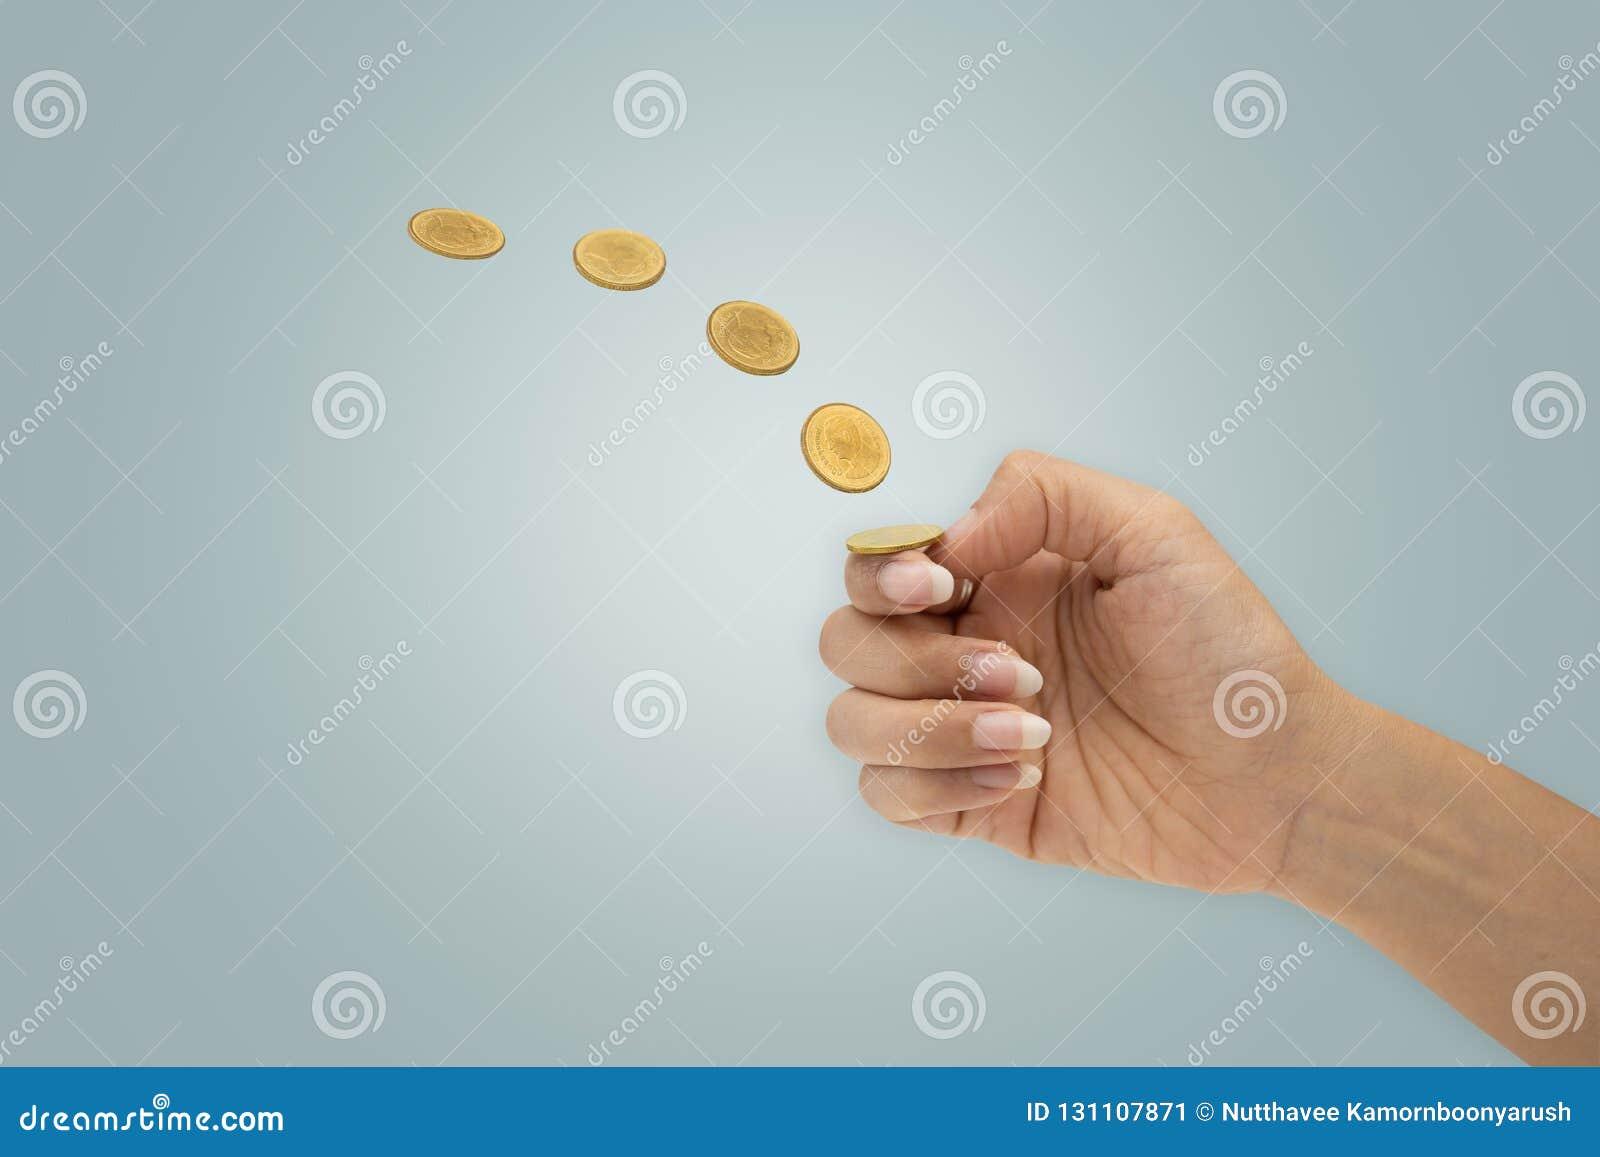 手翻转在蓝色背景隔绝的硬币